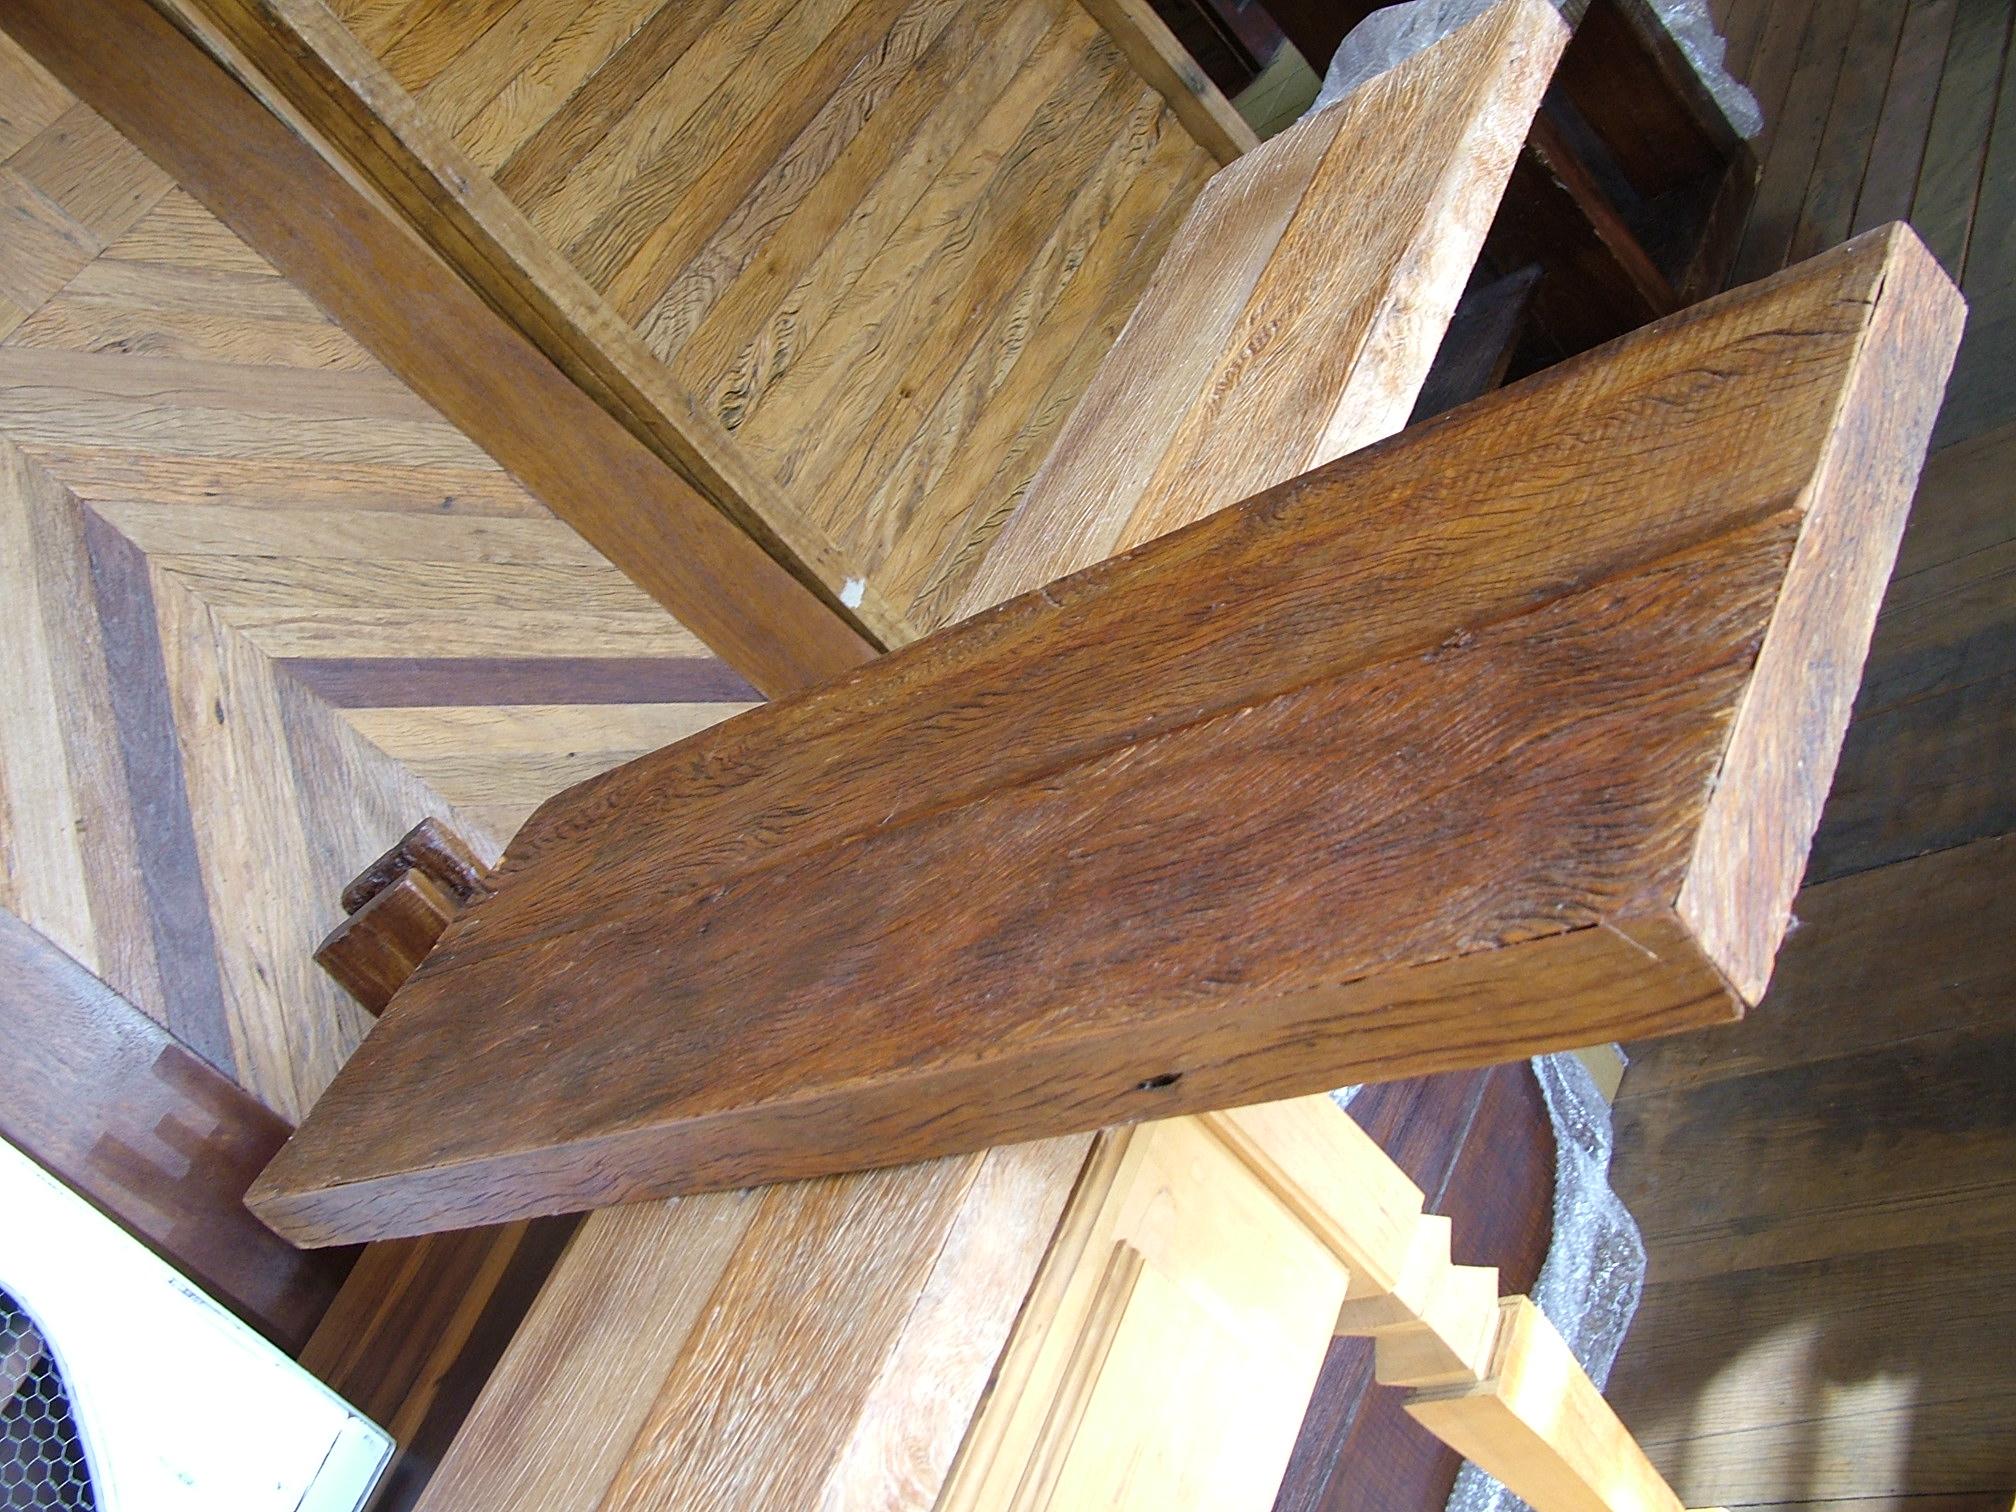 Tampo de madeira – Estes dois tampos foram preparados em madeira de  #896442 2016x1512 Balcão Banheiro Madeira Demolição